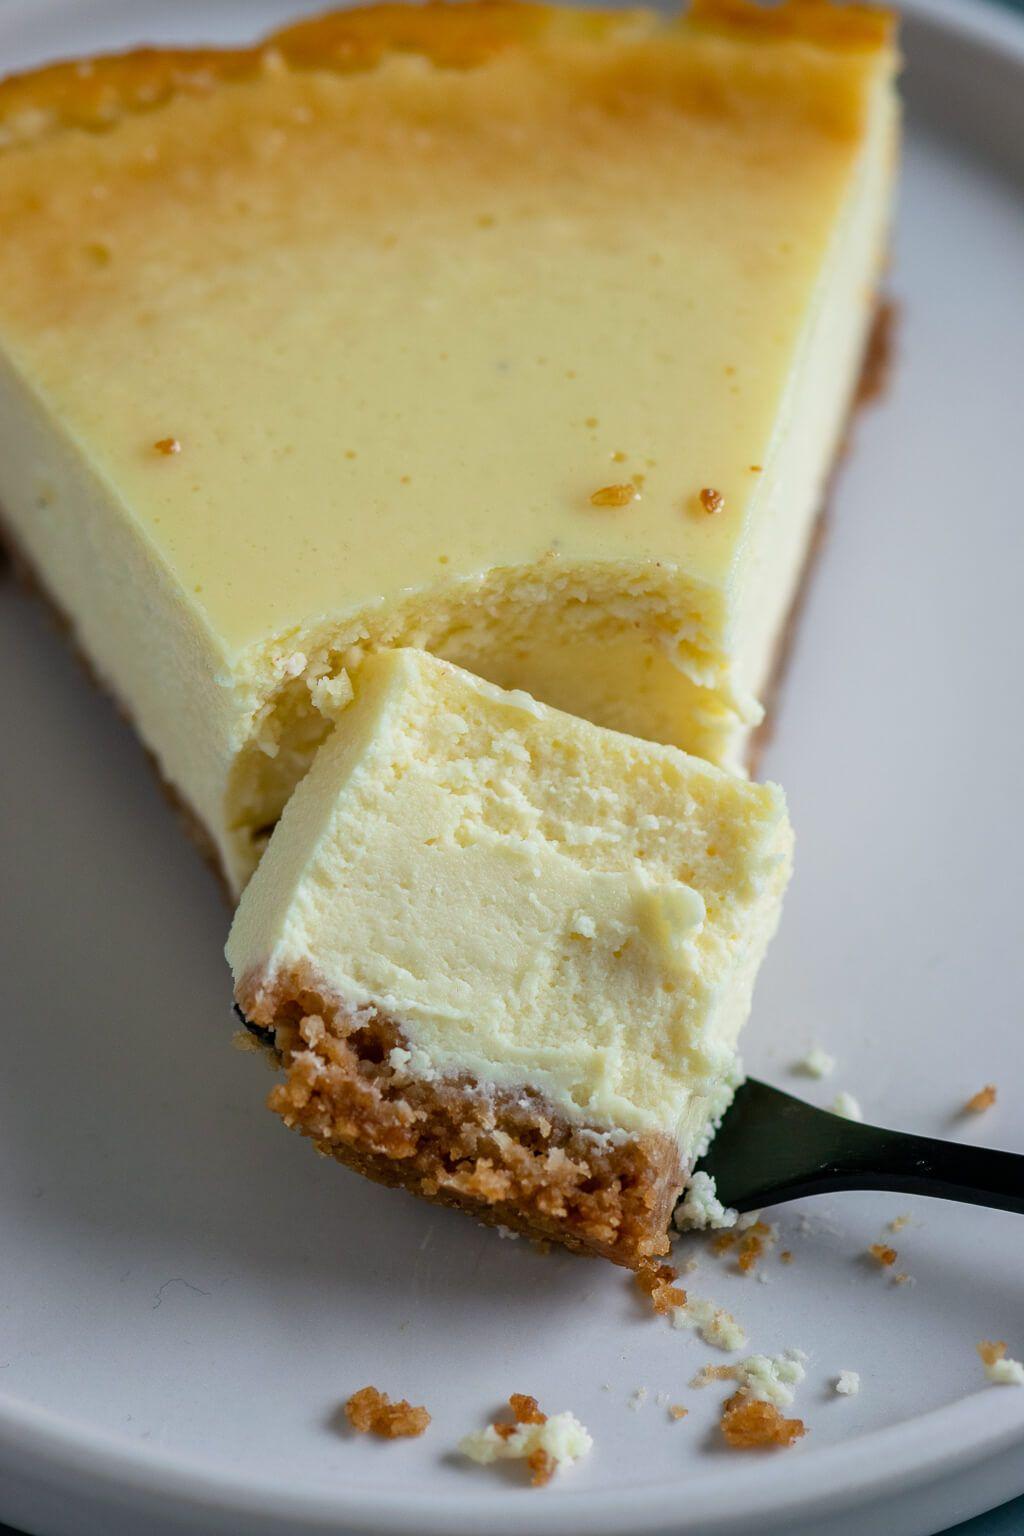 der unglaublich cremige New York Cheesecake